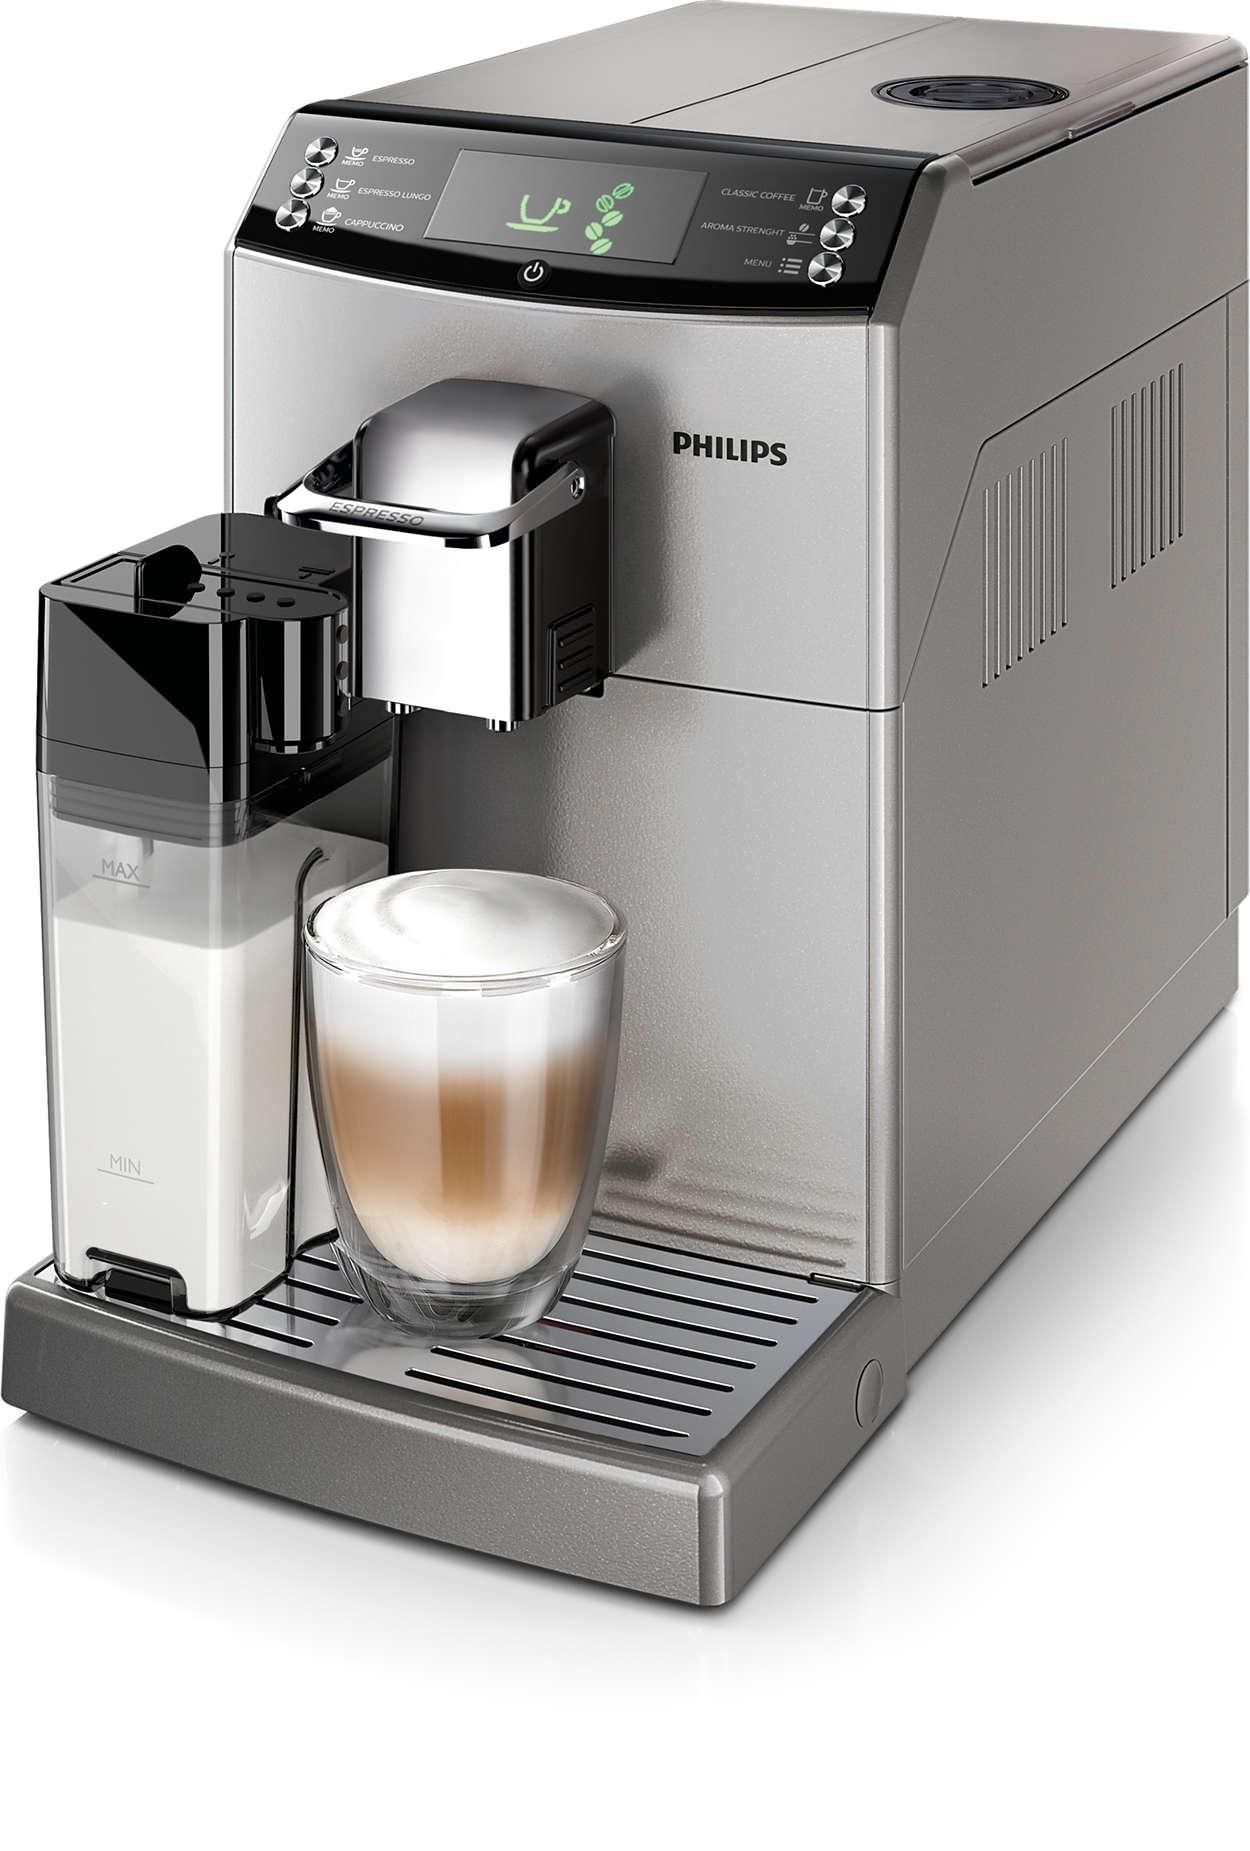 Puiki espreso kava ir filtruotos kavos skonis